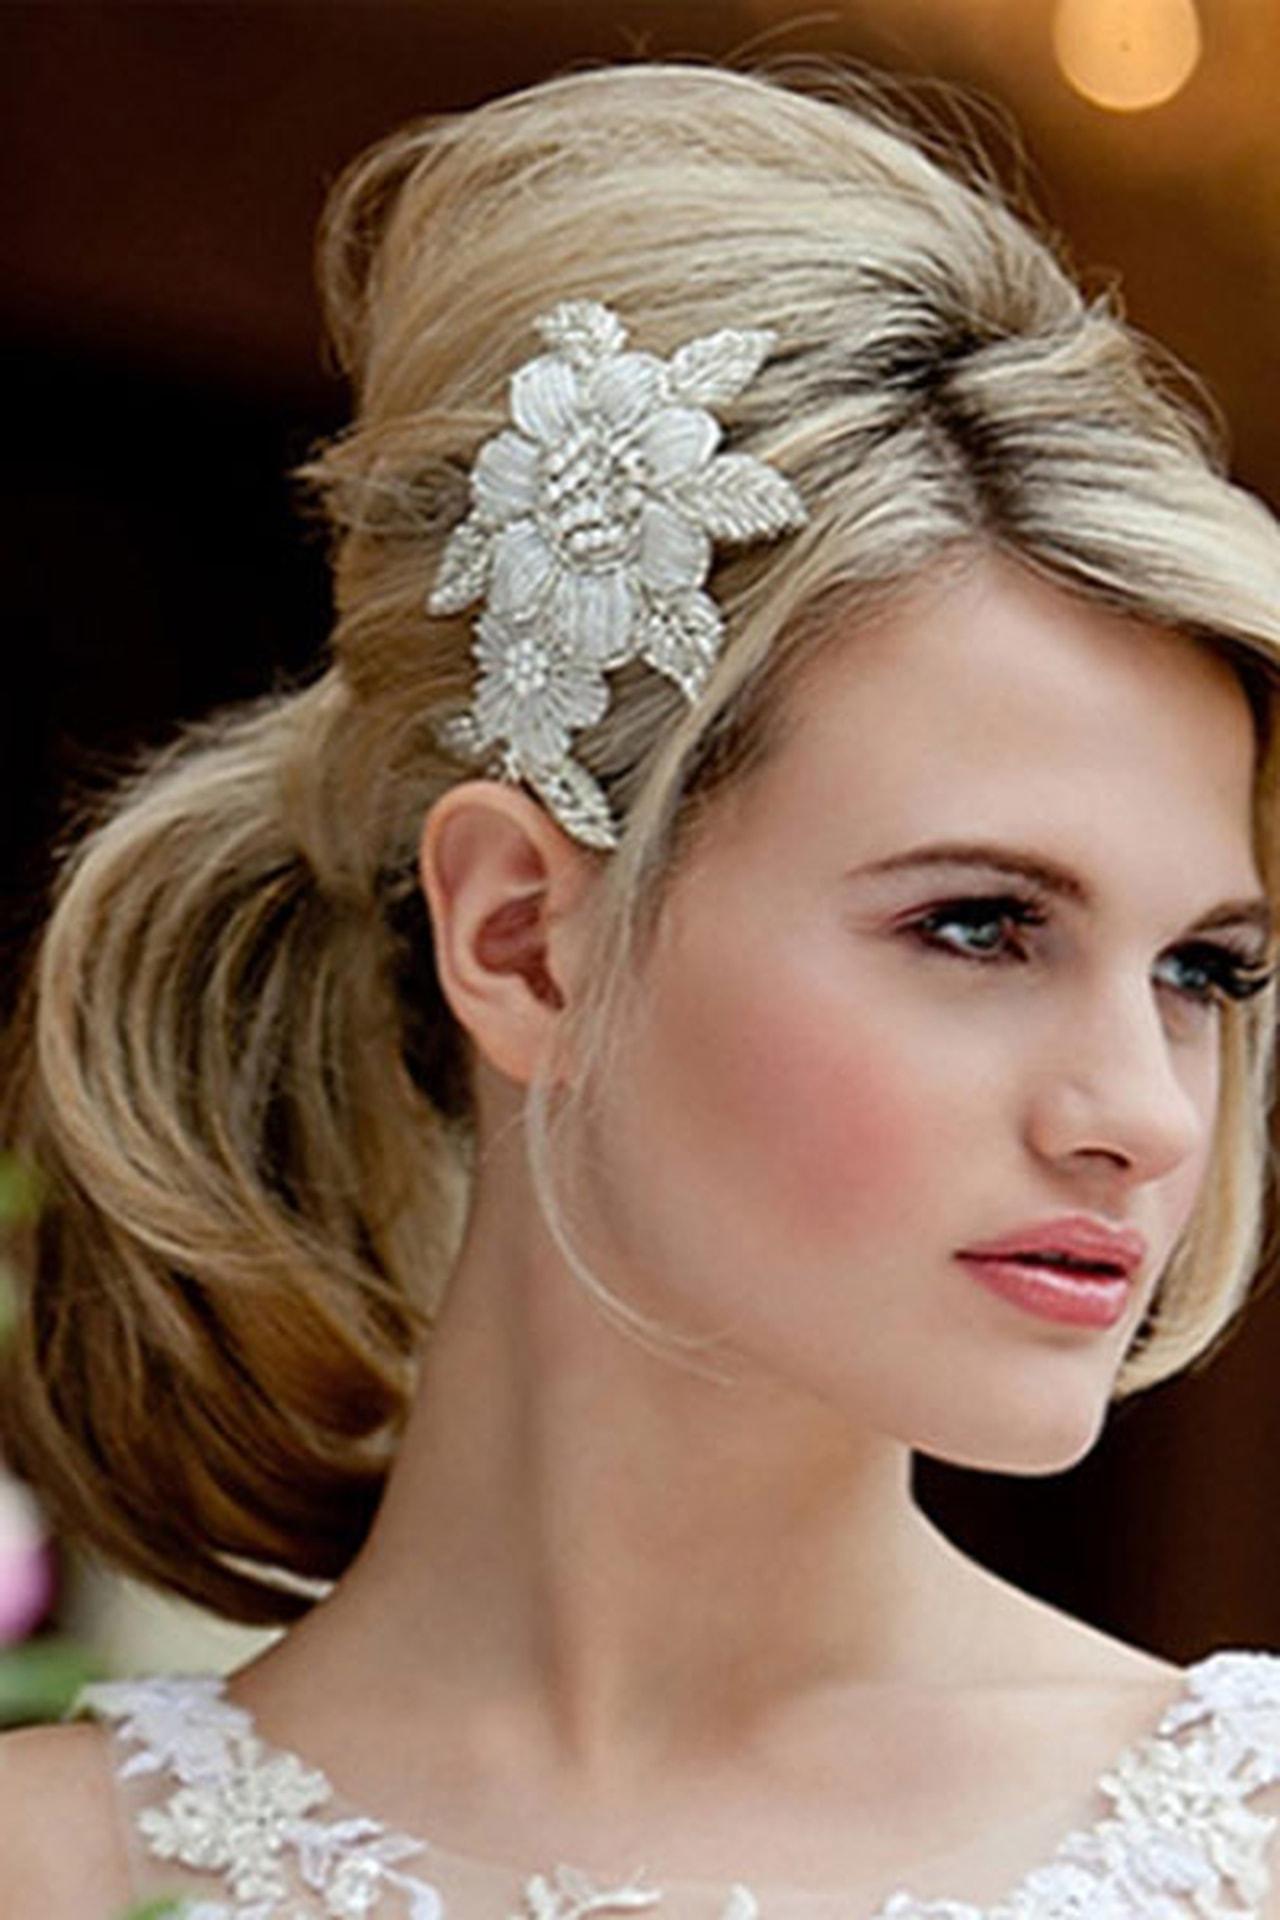 بالصور صور مكياج عروس , اجمل صور لمكياج عروس 219 10